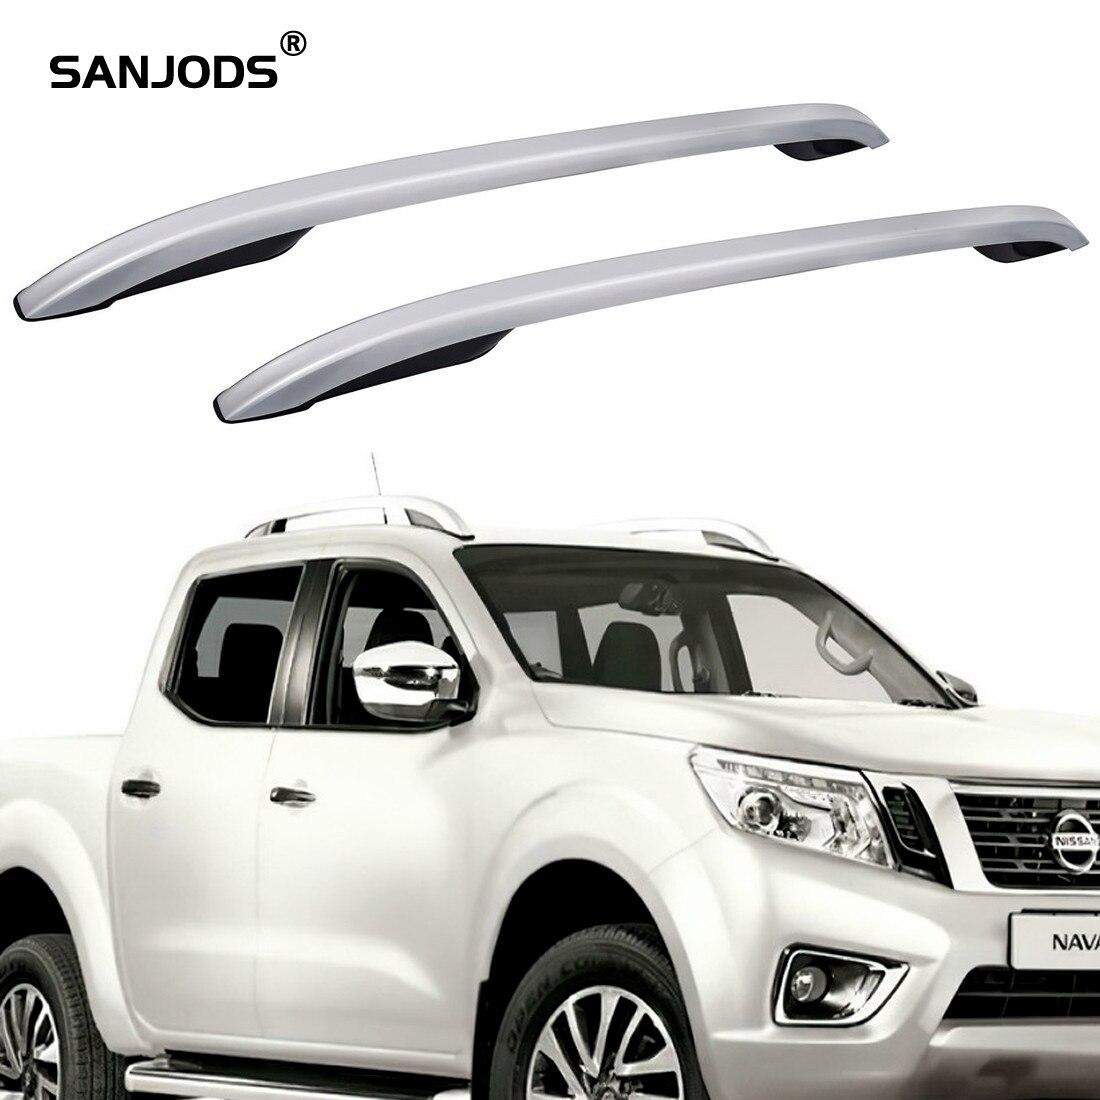 SANJODS-portaequipajes de techo para coche, barra plateada para camioneta, para Nissan Np300, Navara, 4 puertas, 2012, 2013, 2014, 2015, 2016, 2017, 2018, 2 piezas